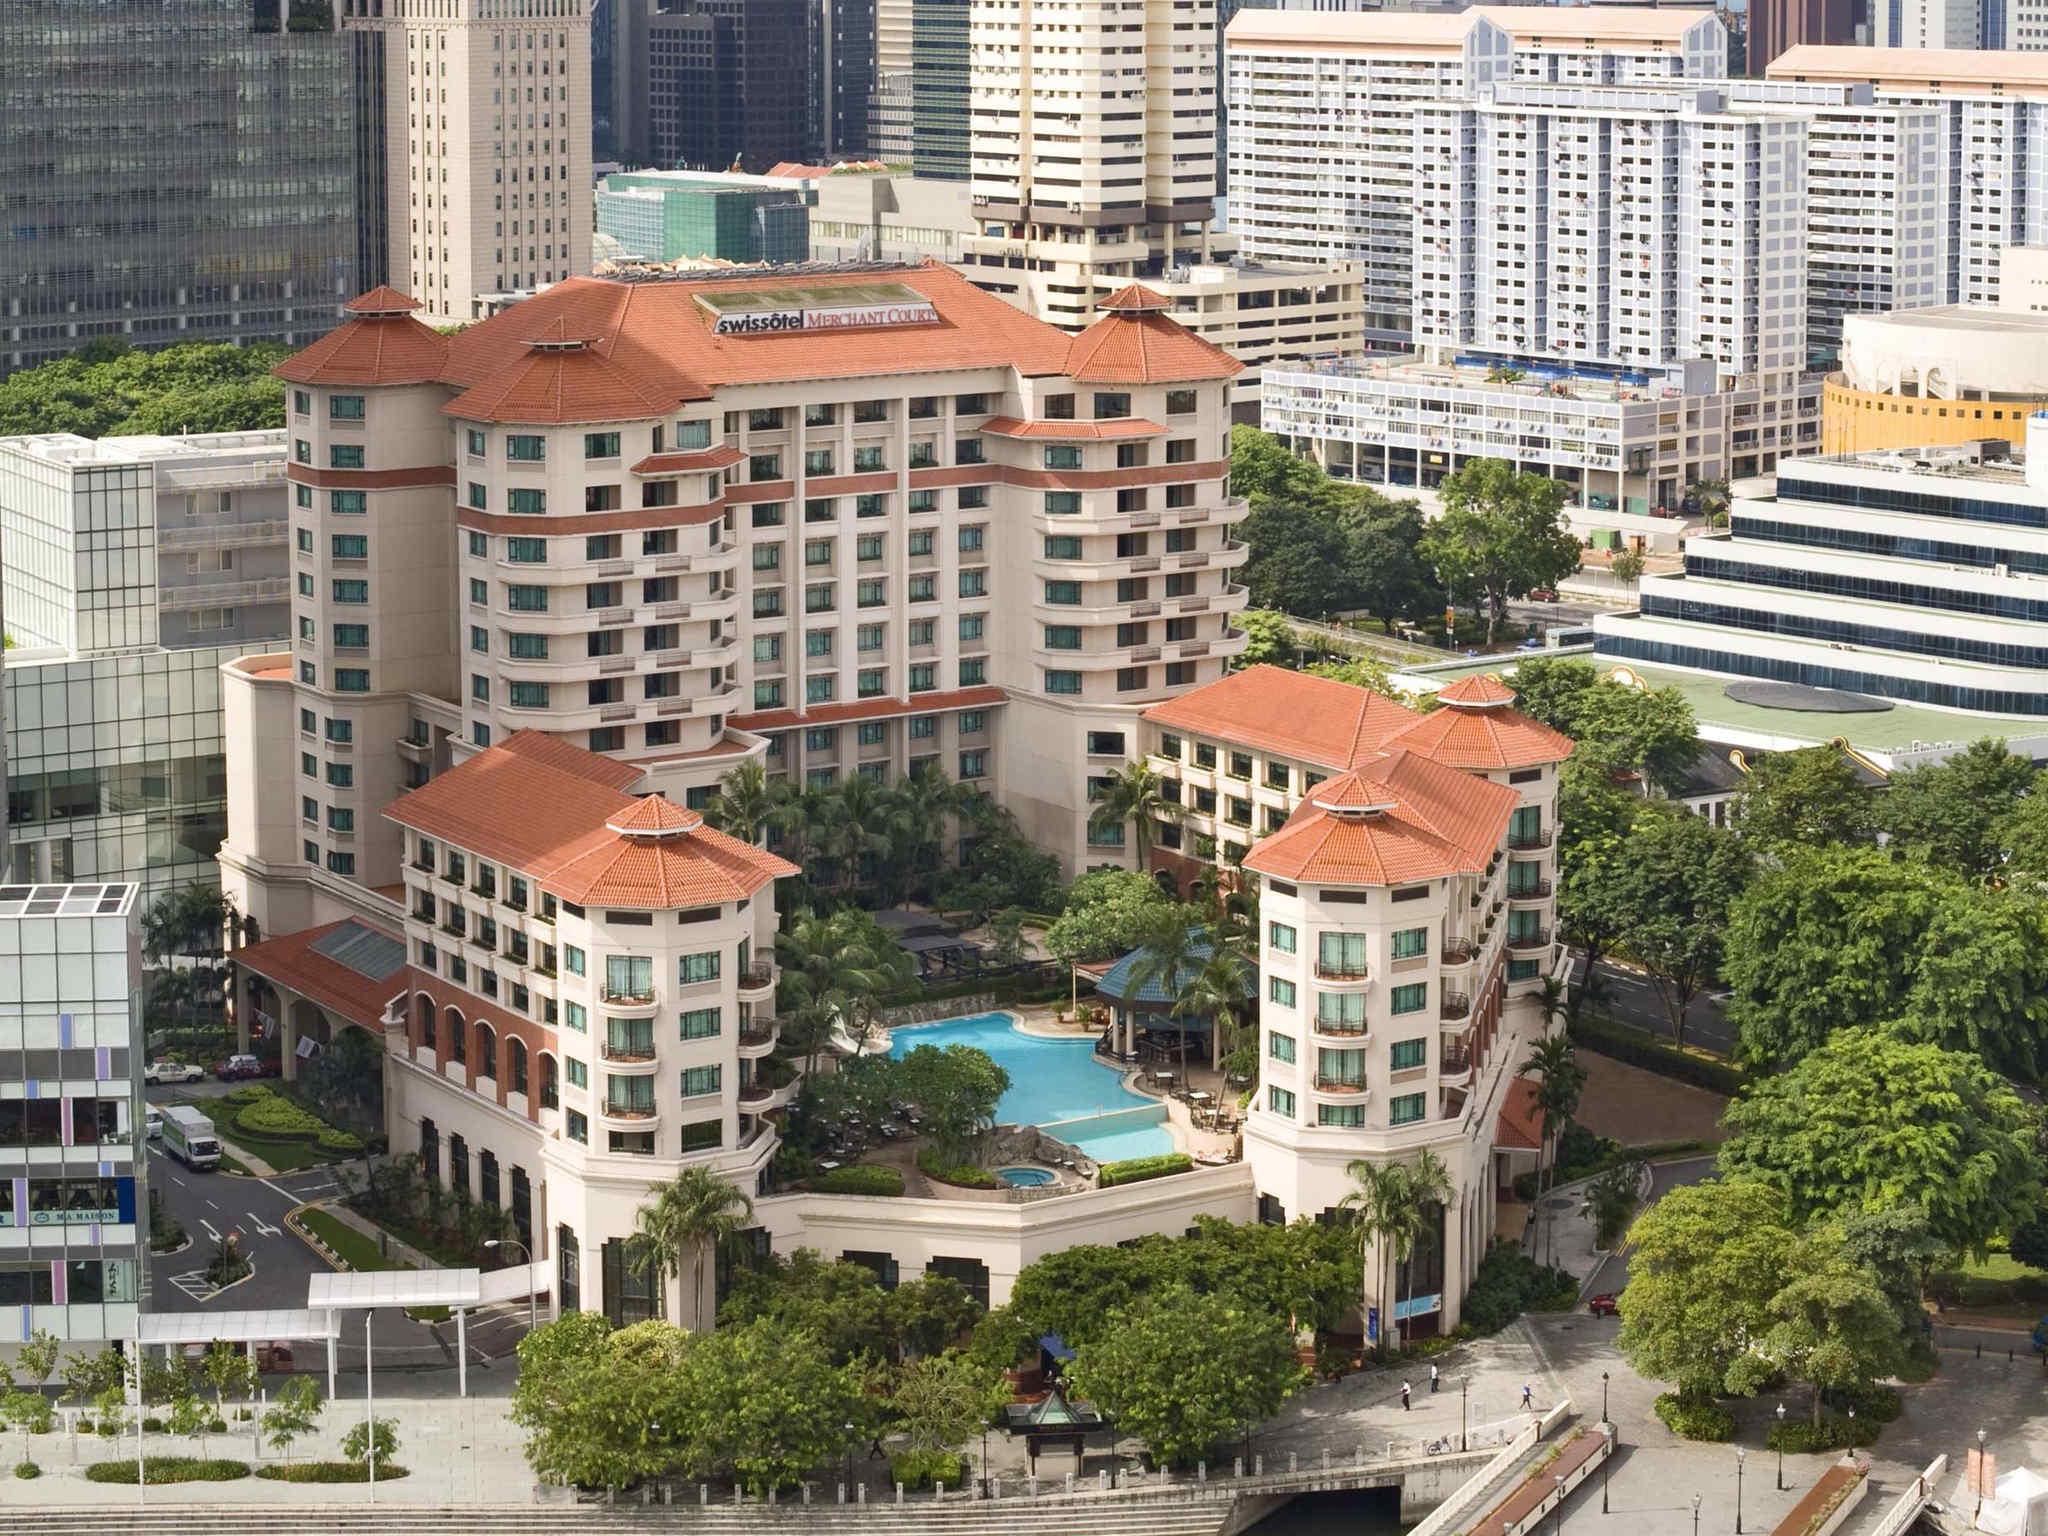 Hotel - Swissôtel Merchant Court